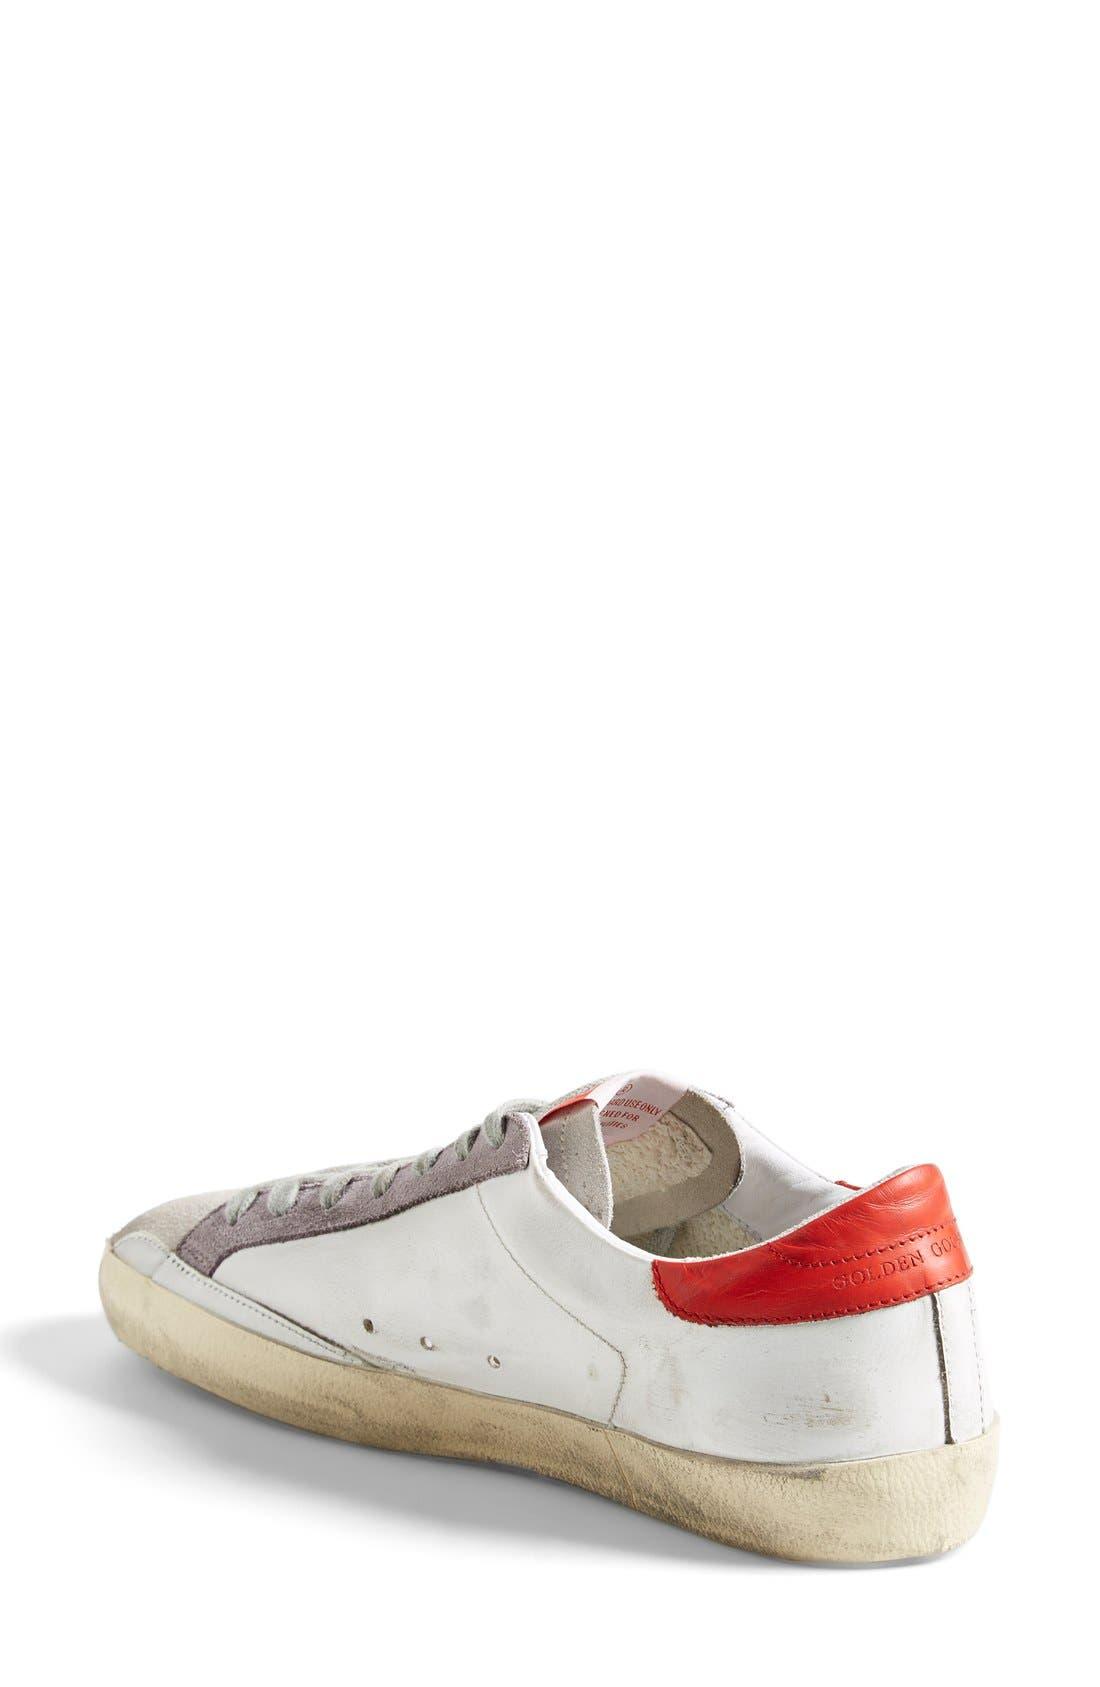 Alternate Image 2  - Golden Goose 'Super Star' Sneaker (Women)